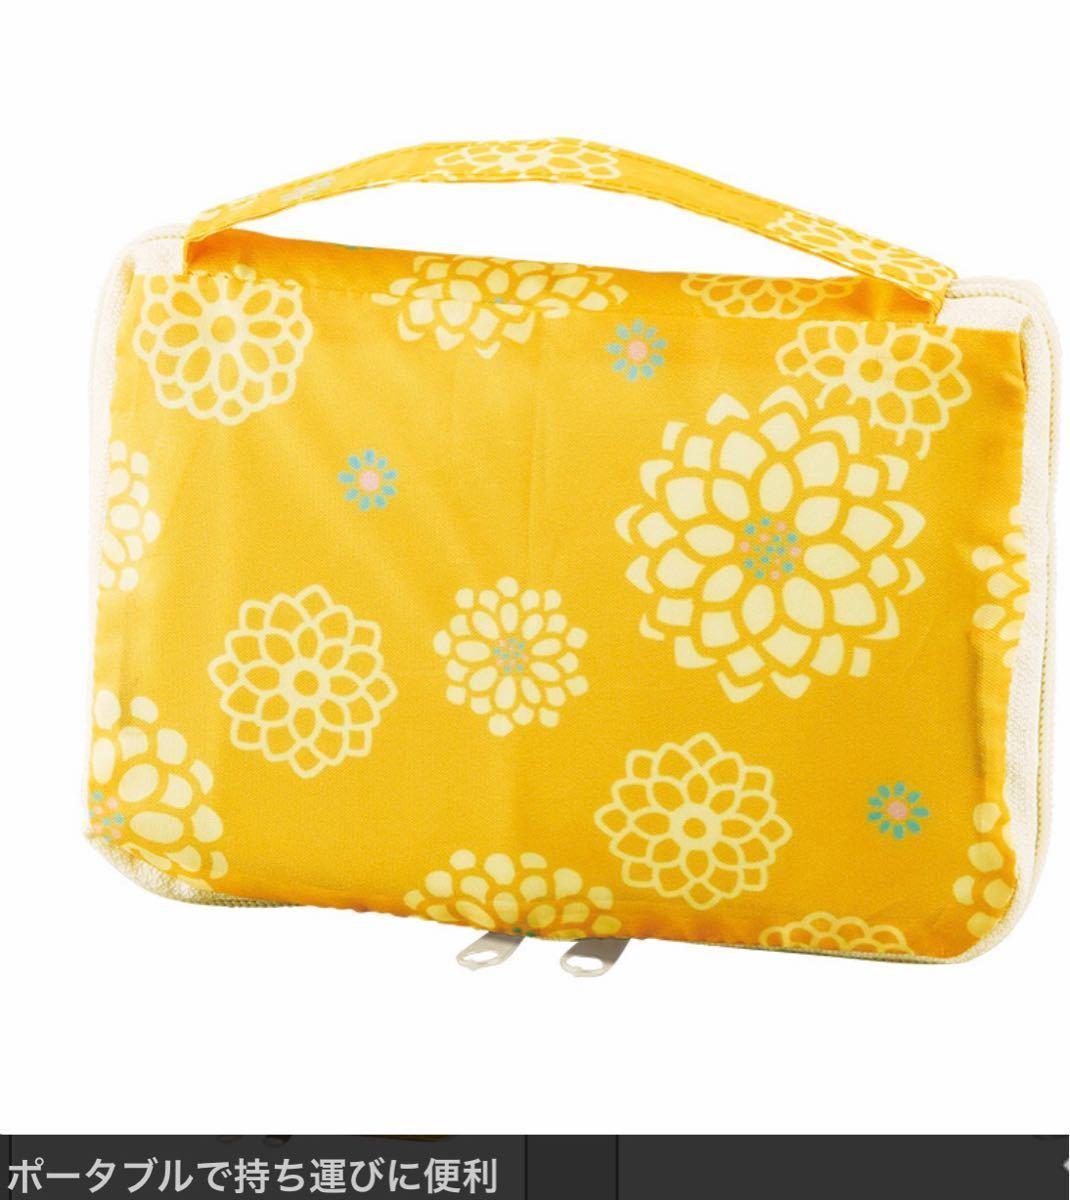 おしゃれなクーラーバッグ 折りたたみエコバッグ 保冷保温トートバッグ